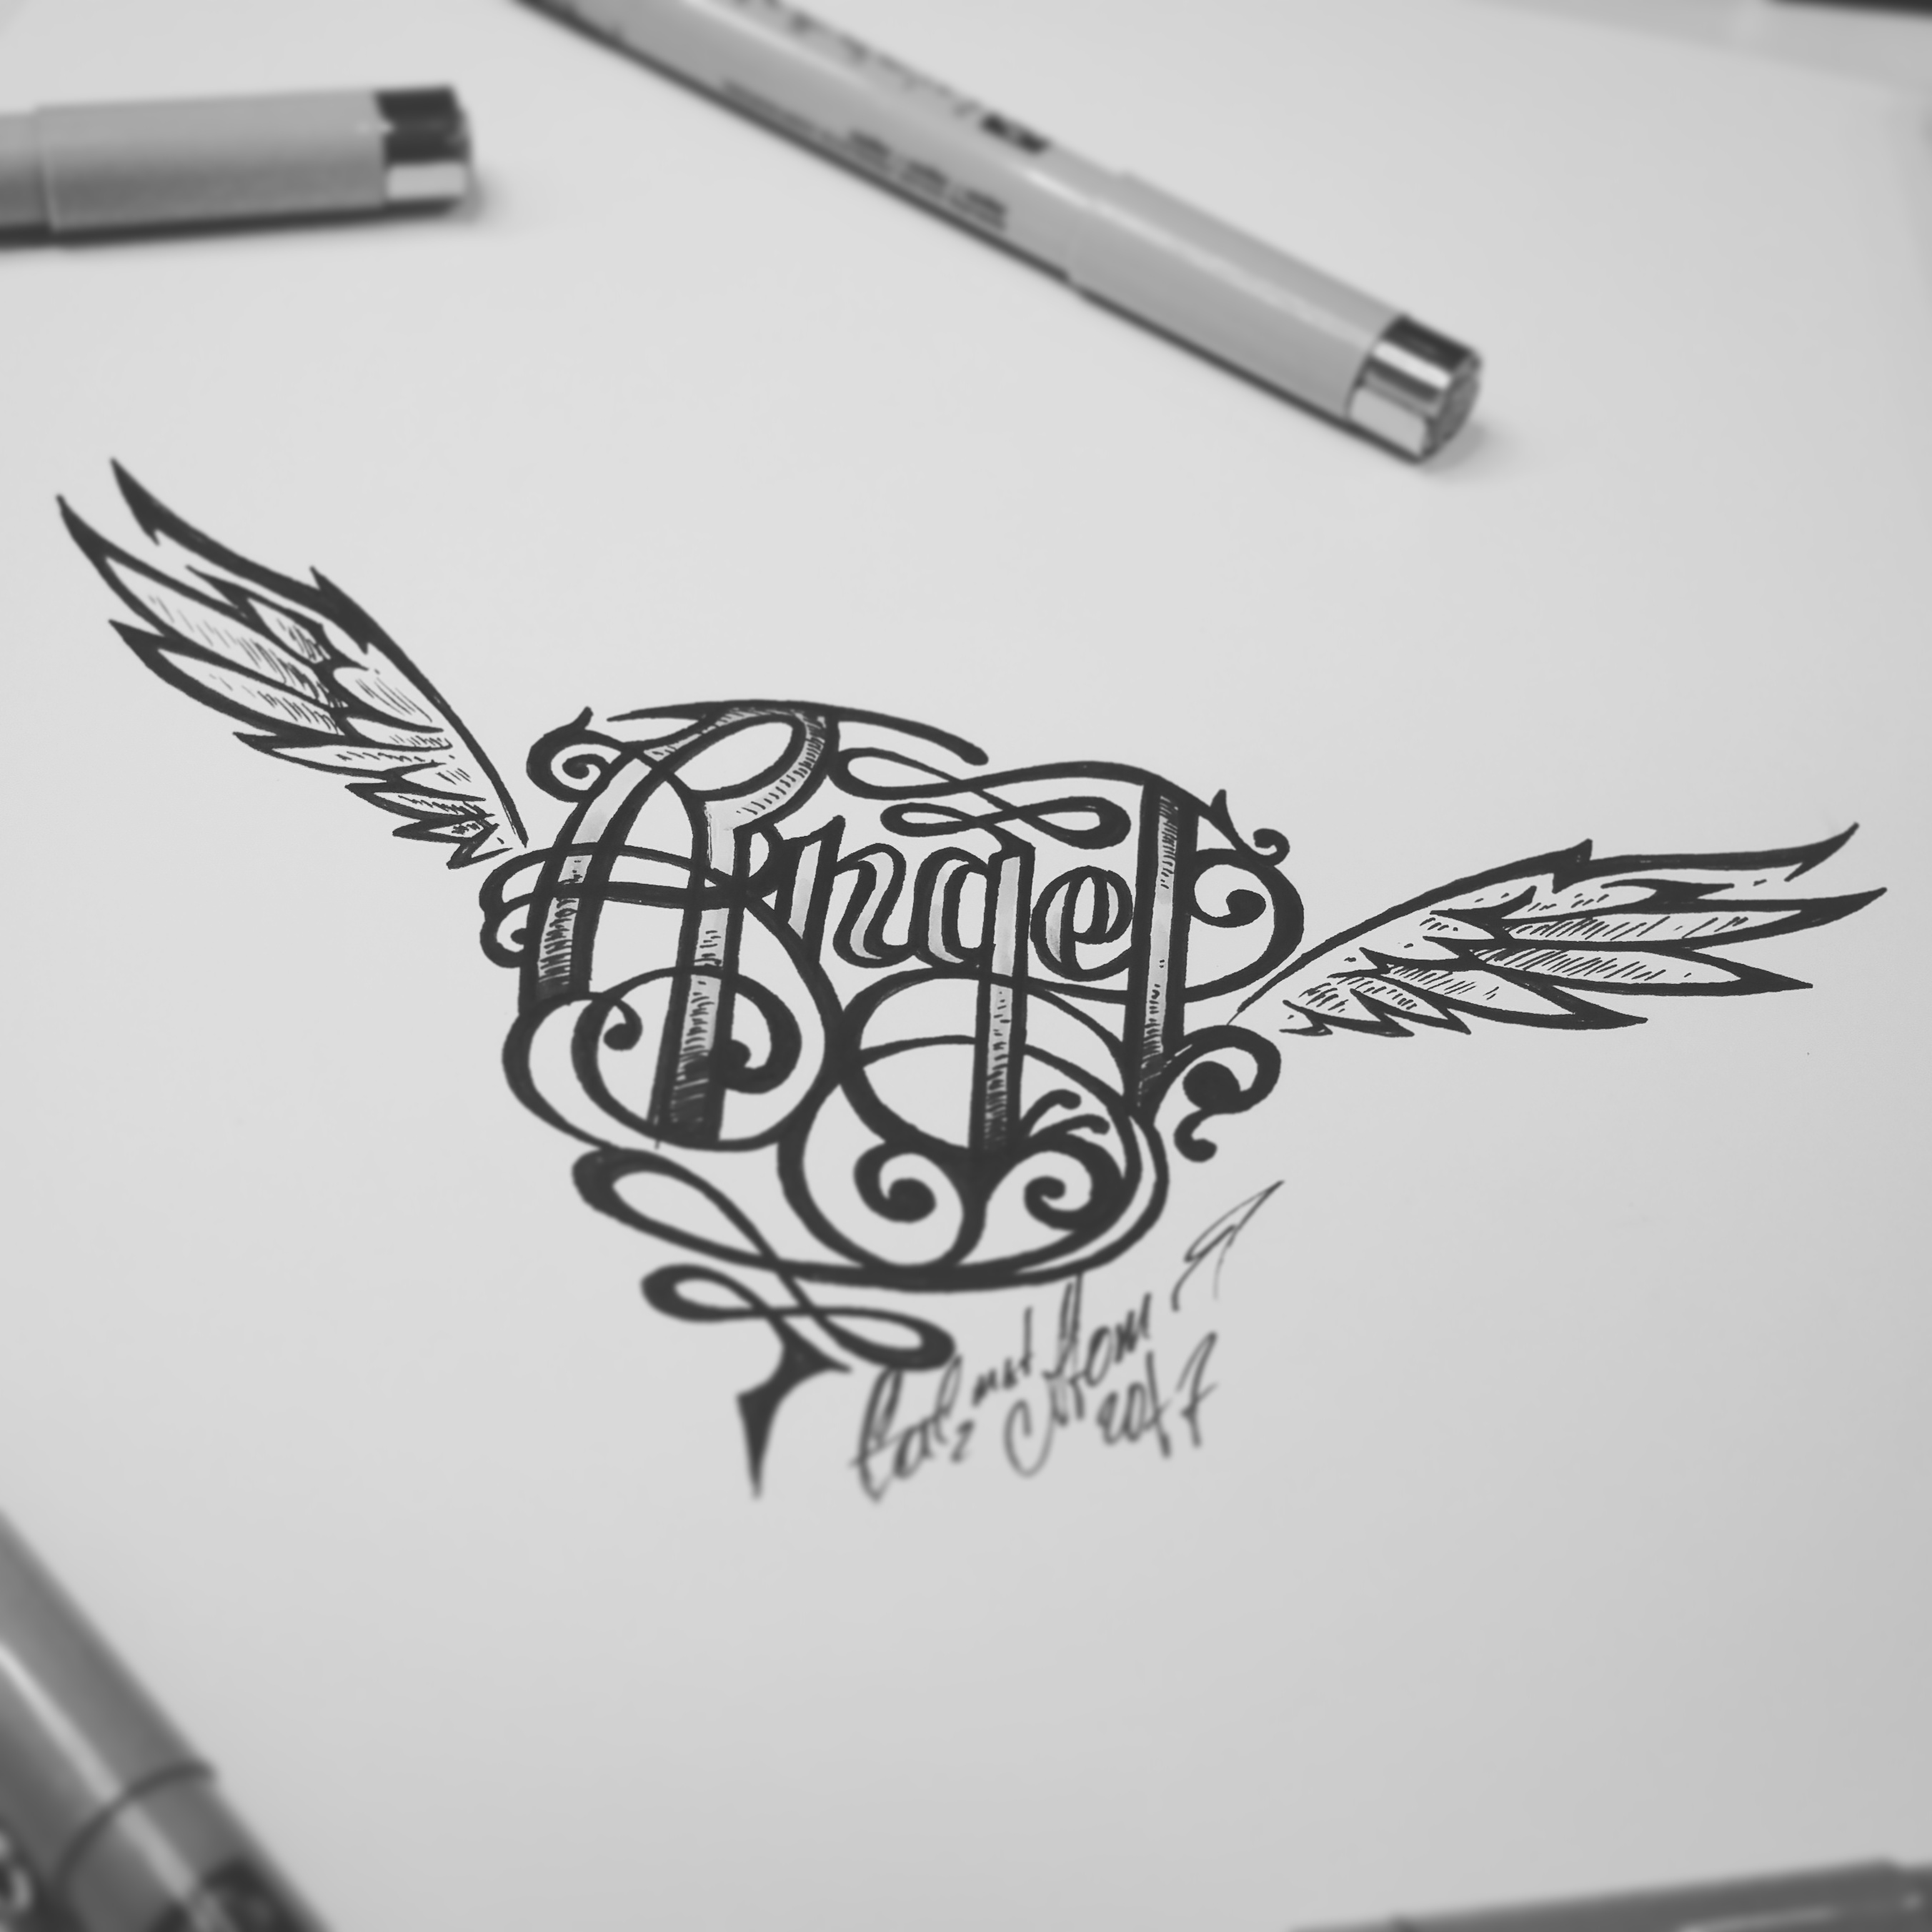 тату эскиз надпись и крыля с сердцем